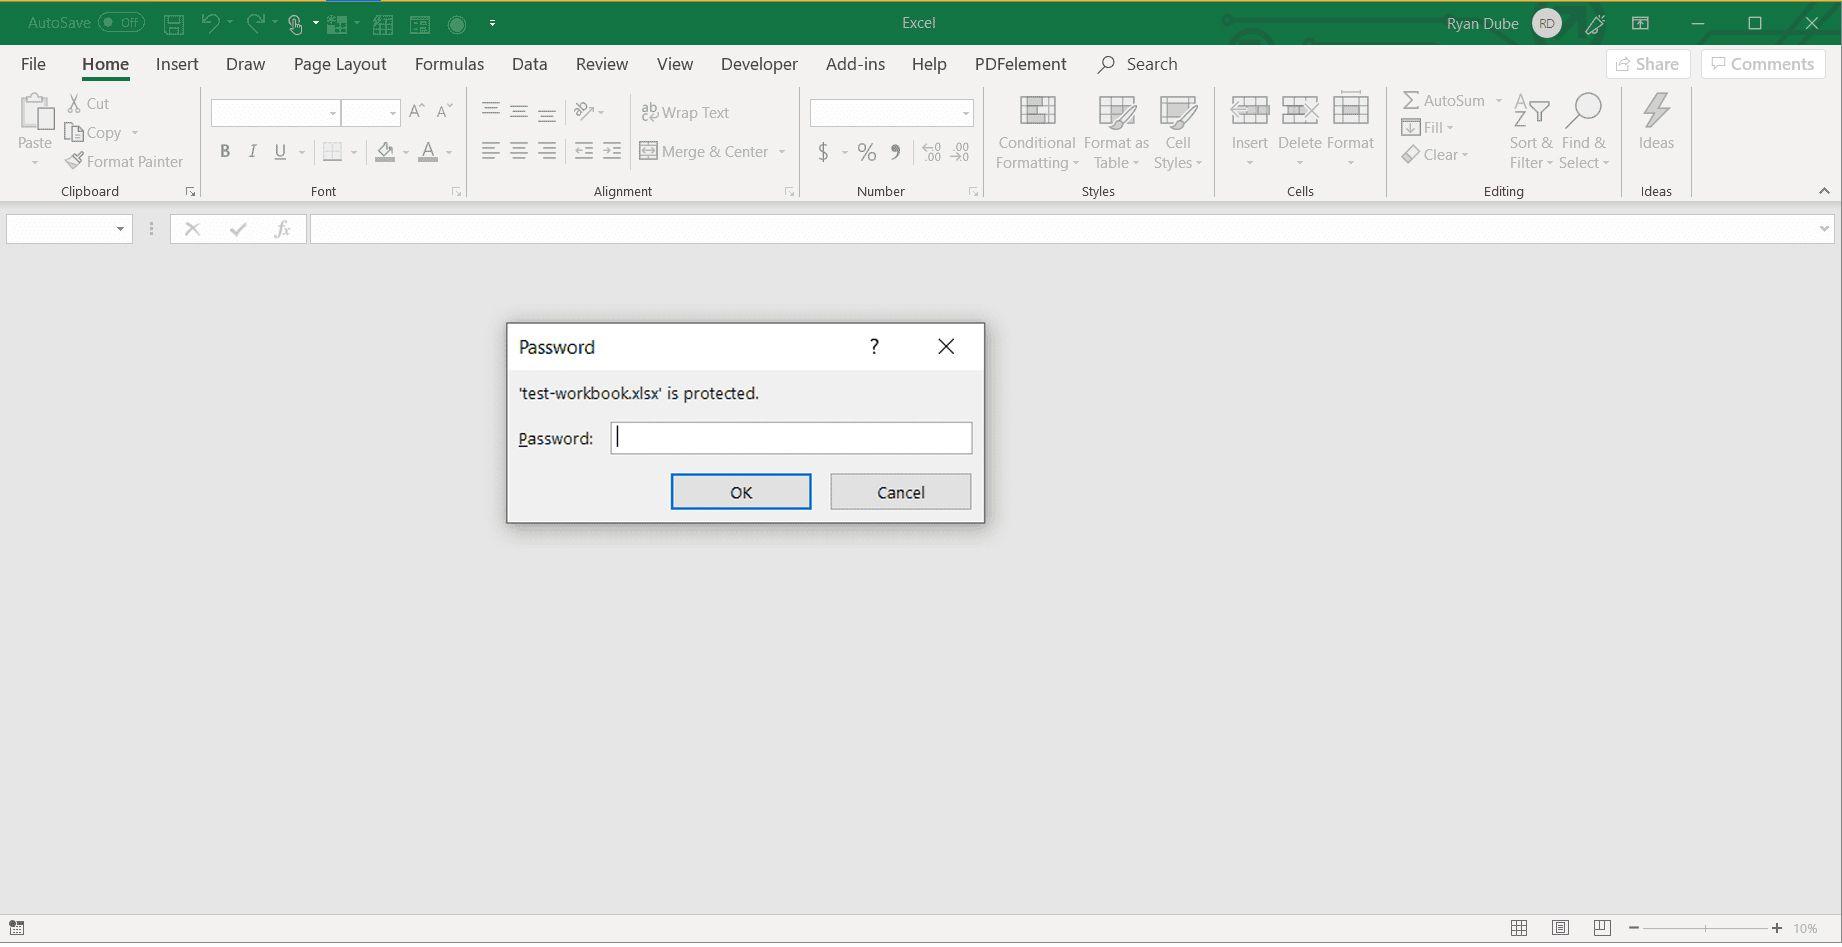 Excel workbook password prompt